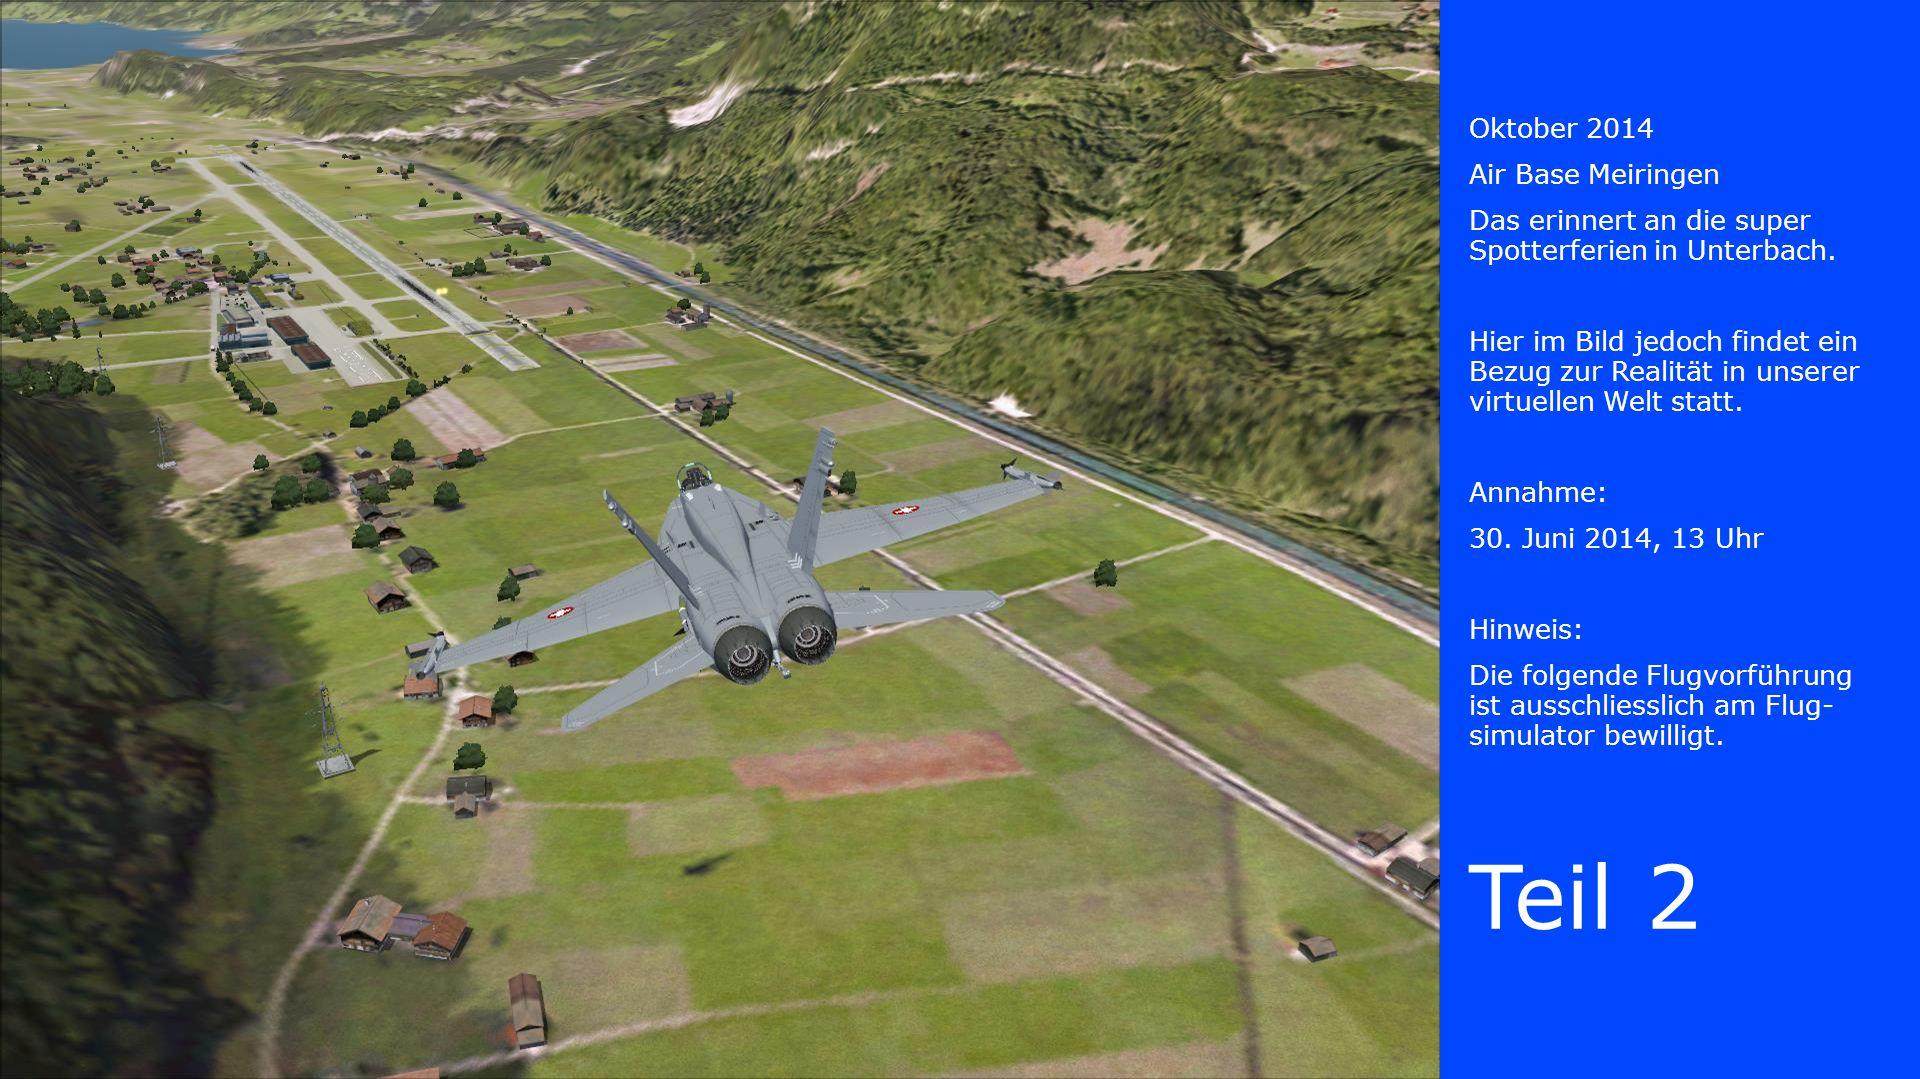 Oktober 2014 Air Base Meiringen Das erinnert an die super Spotterferien in Unterbach. Hier im Bild jedoch findet ein Bezug zur Realität in unserer vir